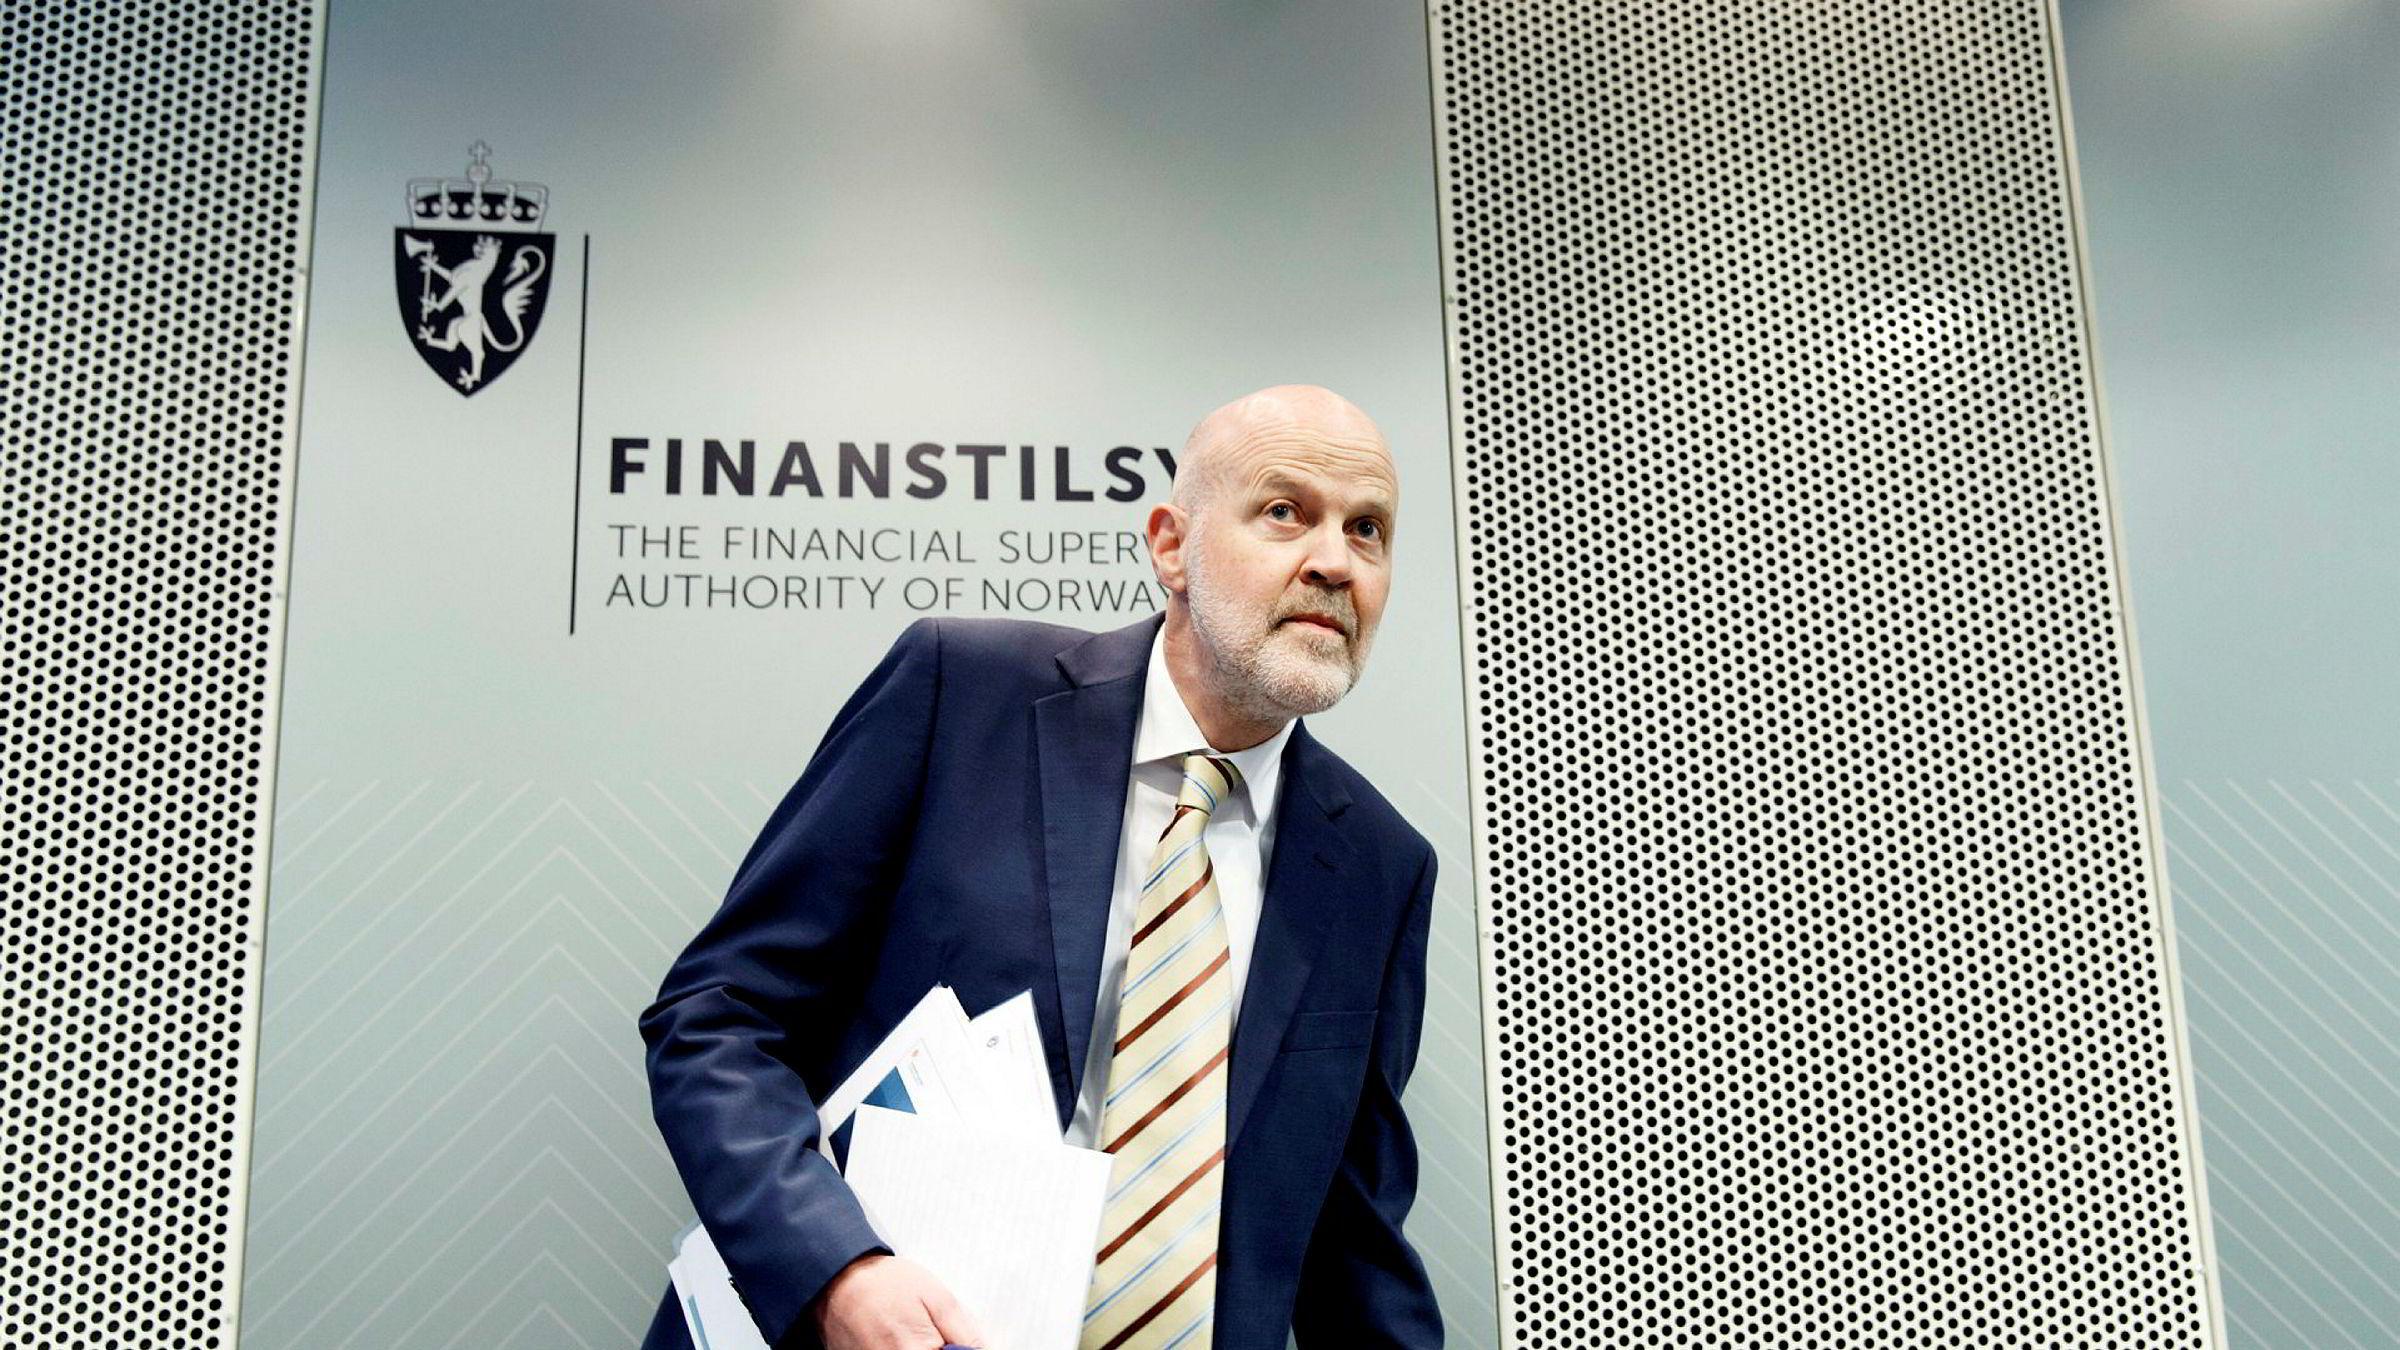 Direktør i Finanstilsynet Morten Baltzersen, vil forby DNB og andre banker å betale utbytte til sine eiere i år.